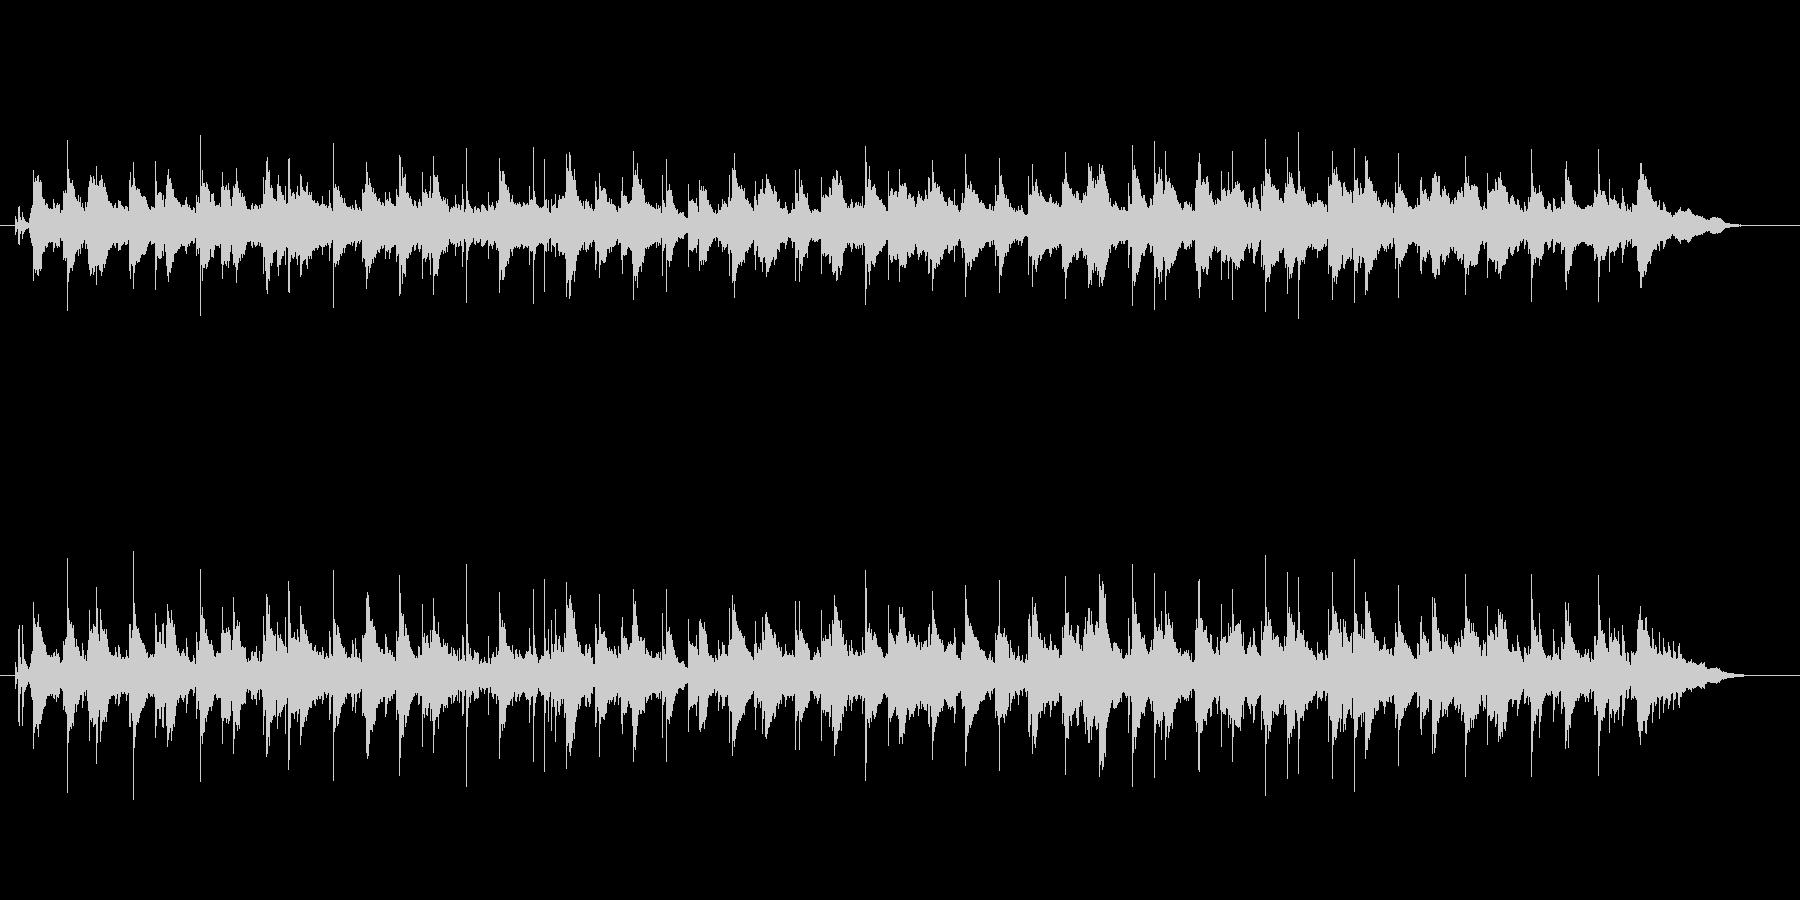 メランコリックなバラードの未再生の波形